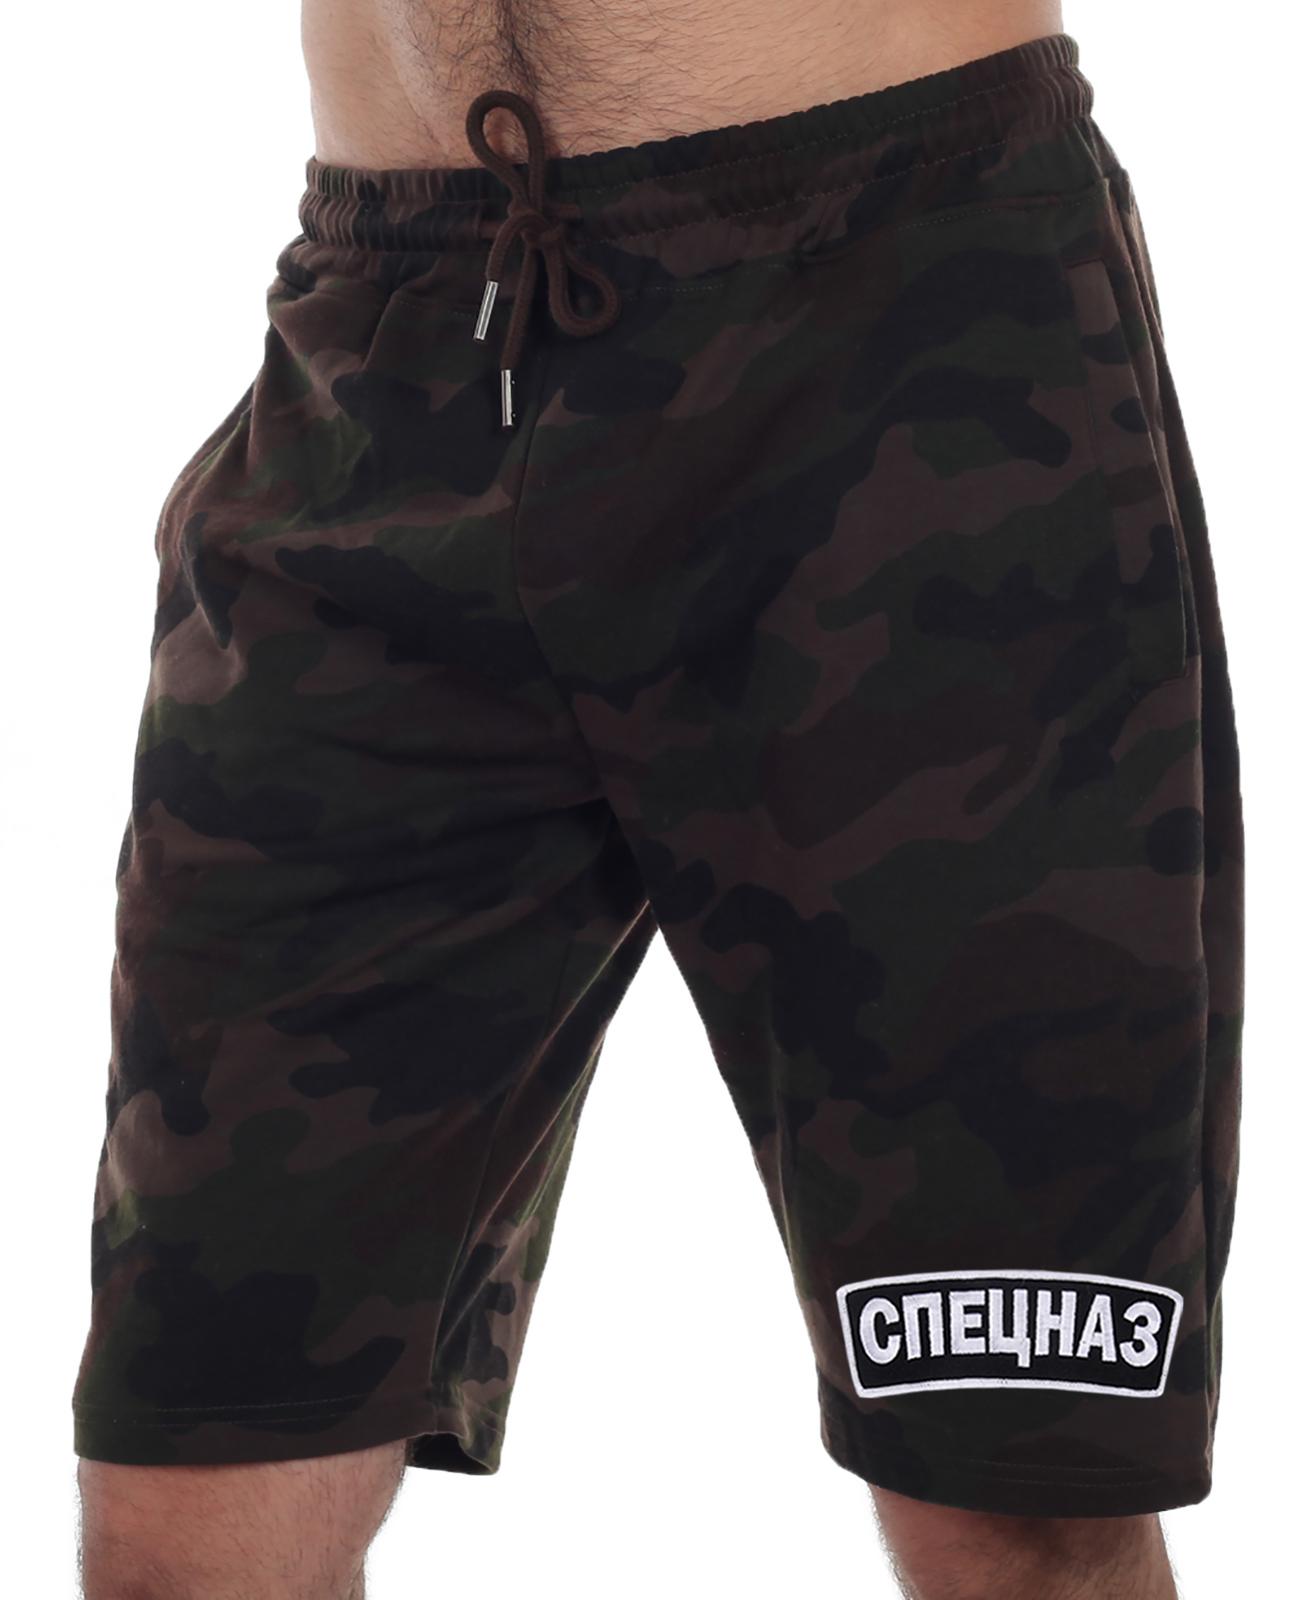 Крутые мужские шорты для Спецназа – 100% хлопок